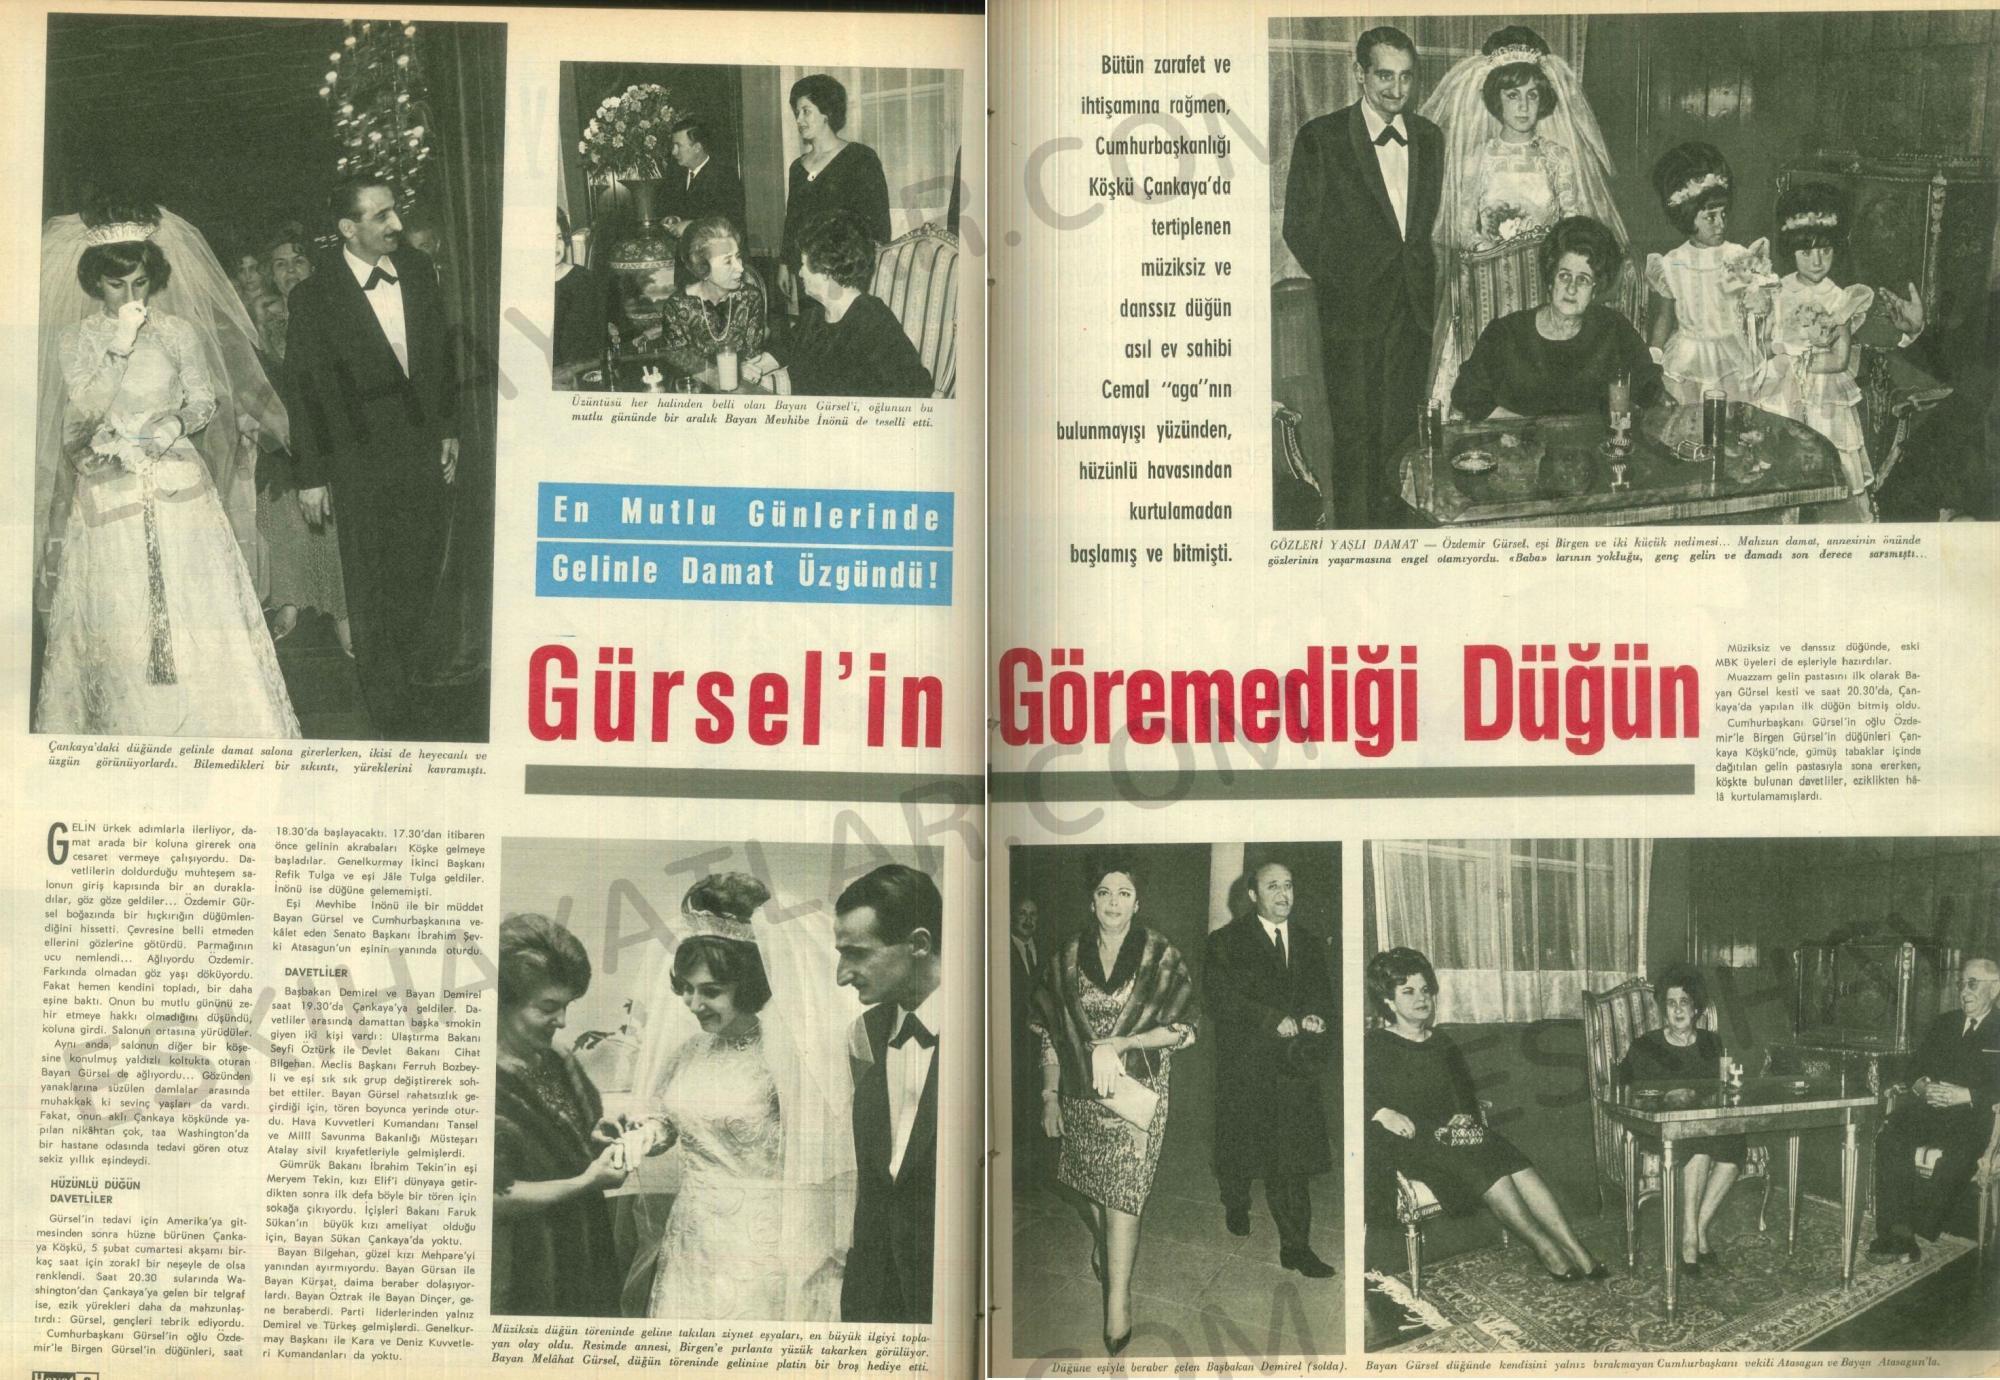 cemal-gursel-kimdir-cemal-aga-1960-ihtilali-cemal-gursel-ne-zaman-oldu-hayat-dergisi-1966-arsivleri (11)